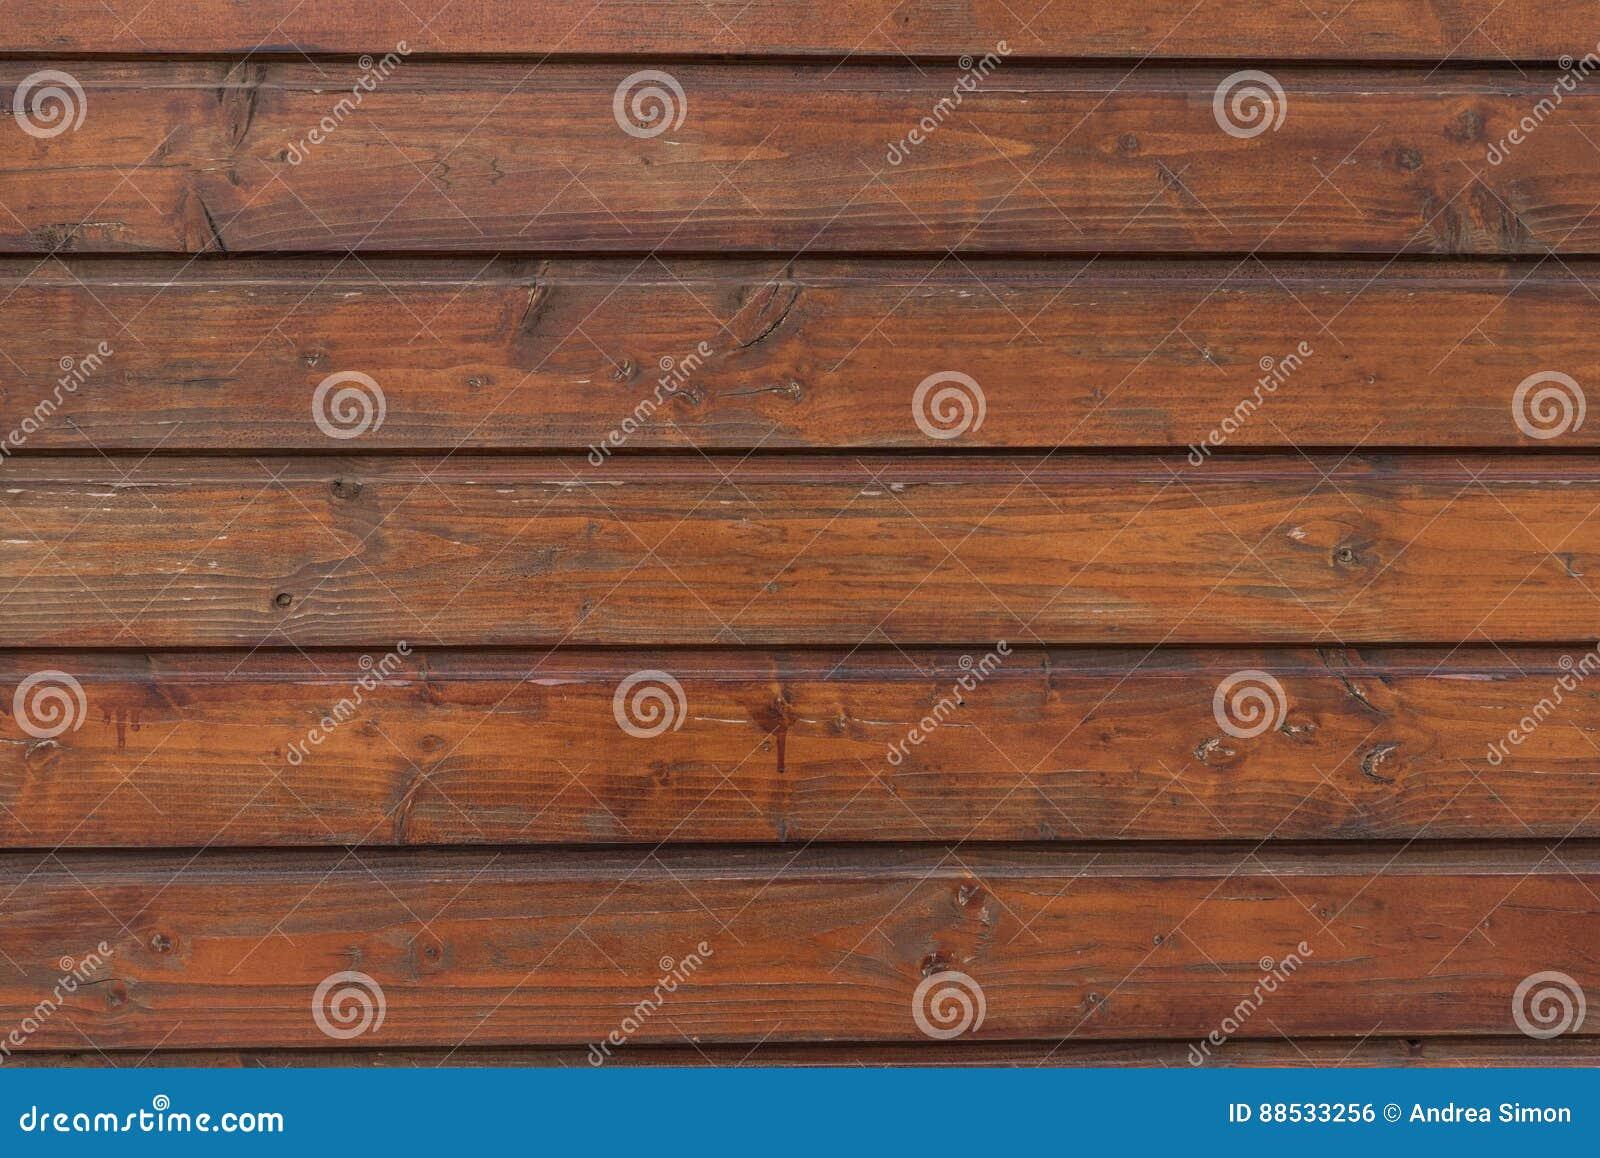 Fondo de madera del grano del tablón de la textura, tabla de madera del escritorio o piso